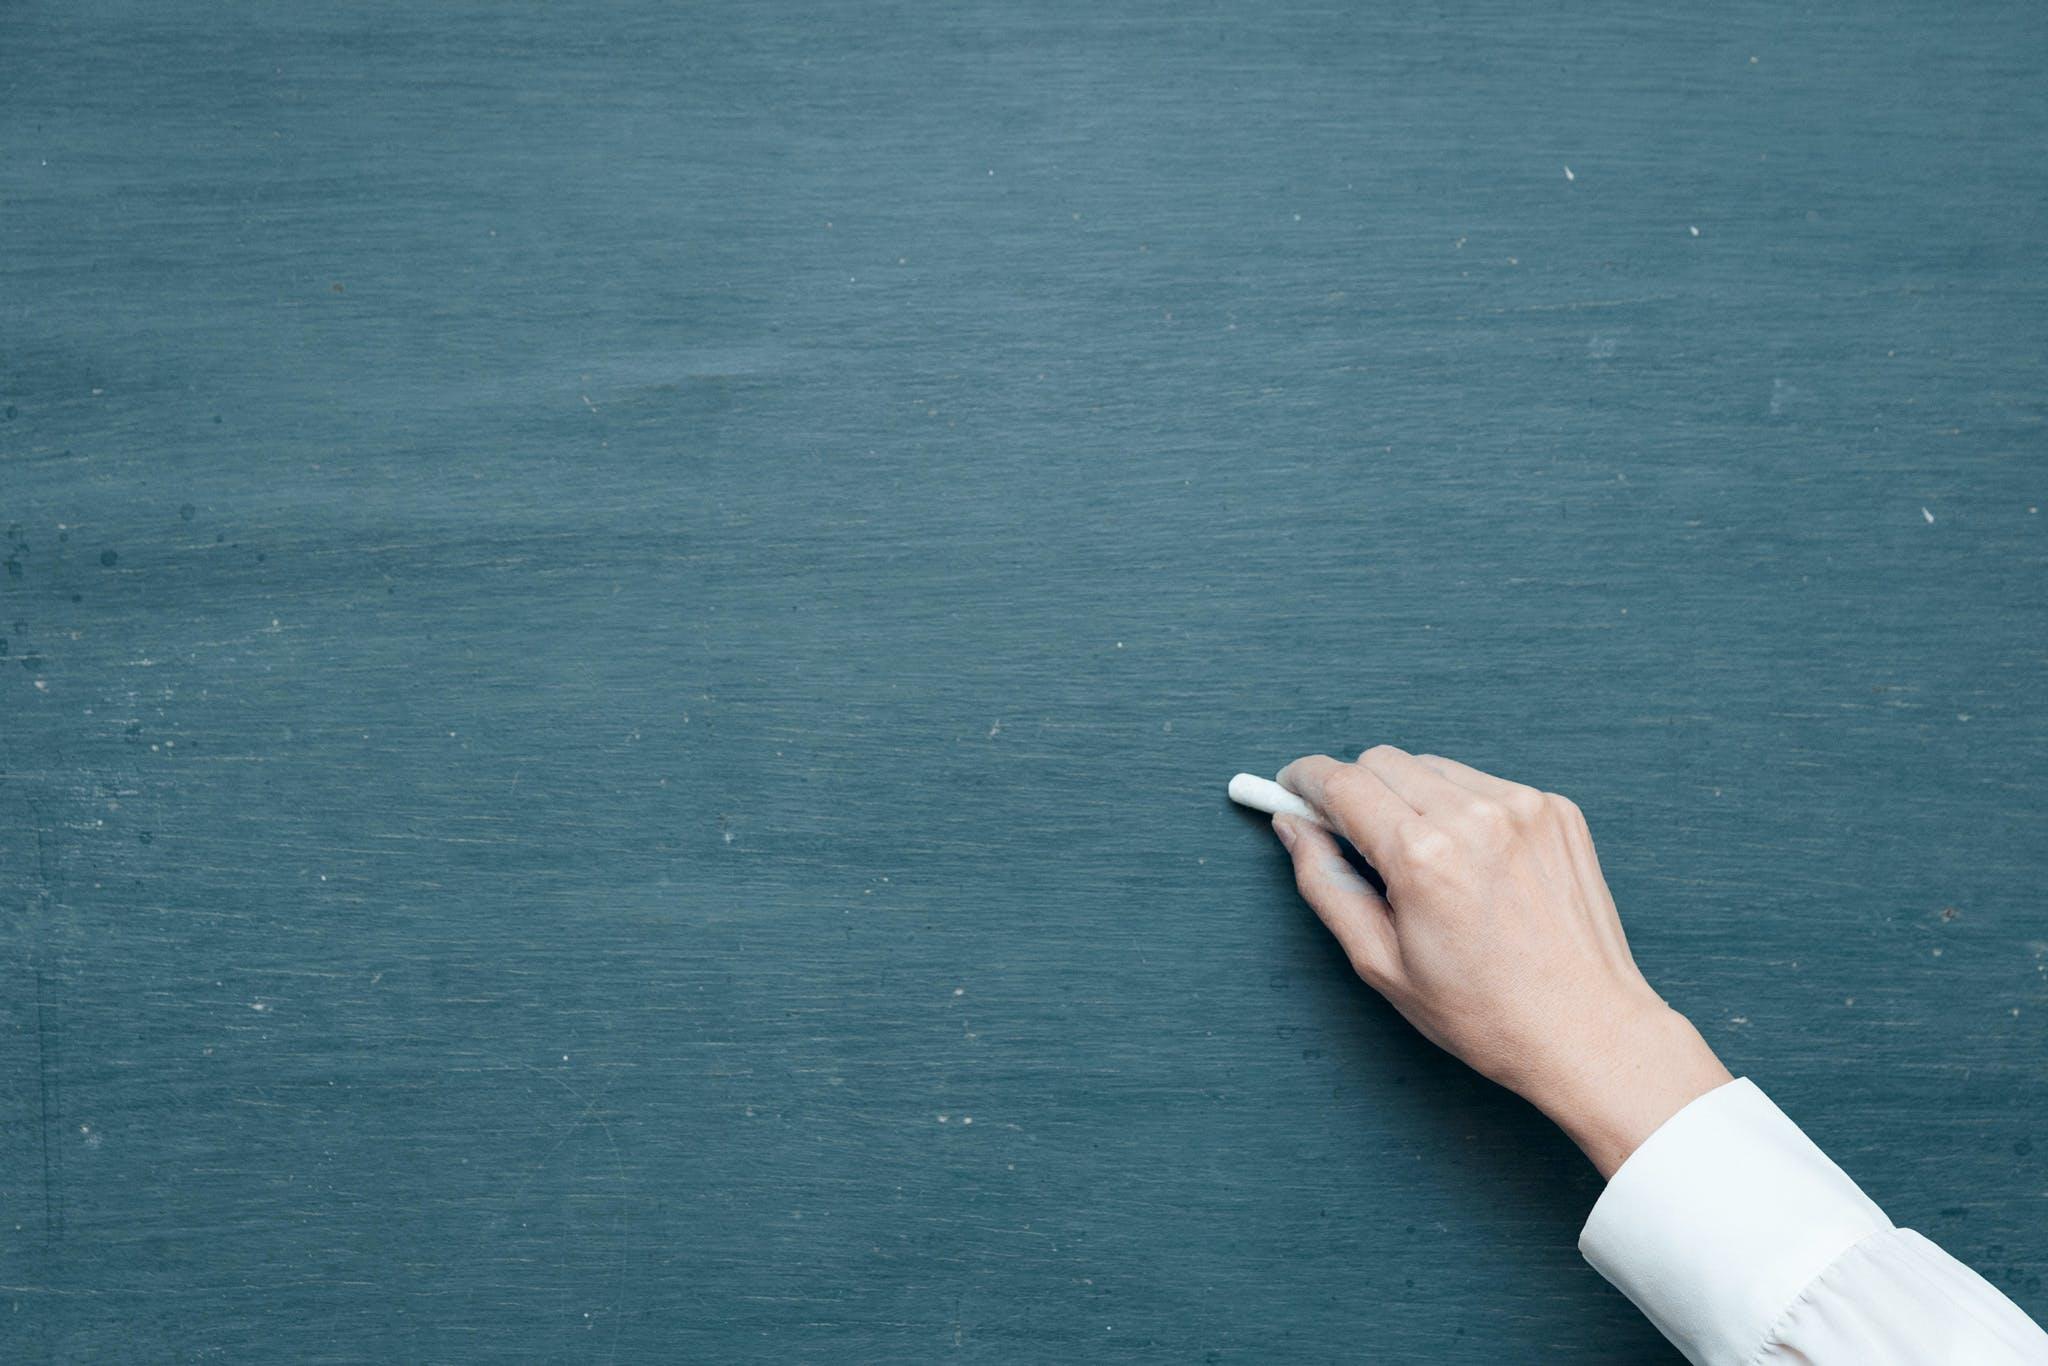 blackboard, board, chalk